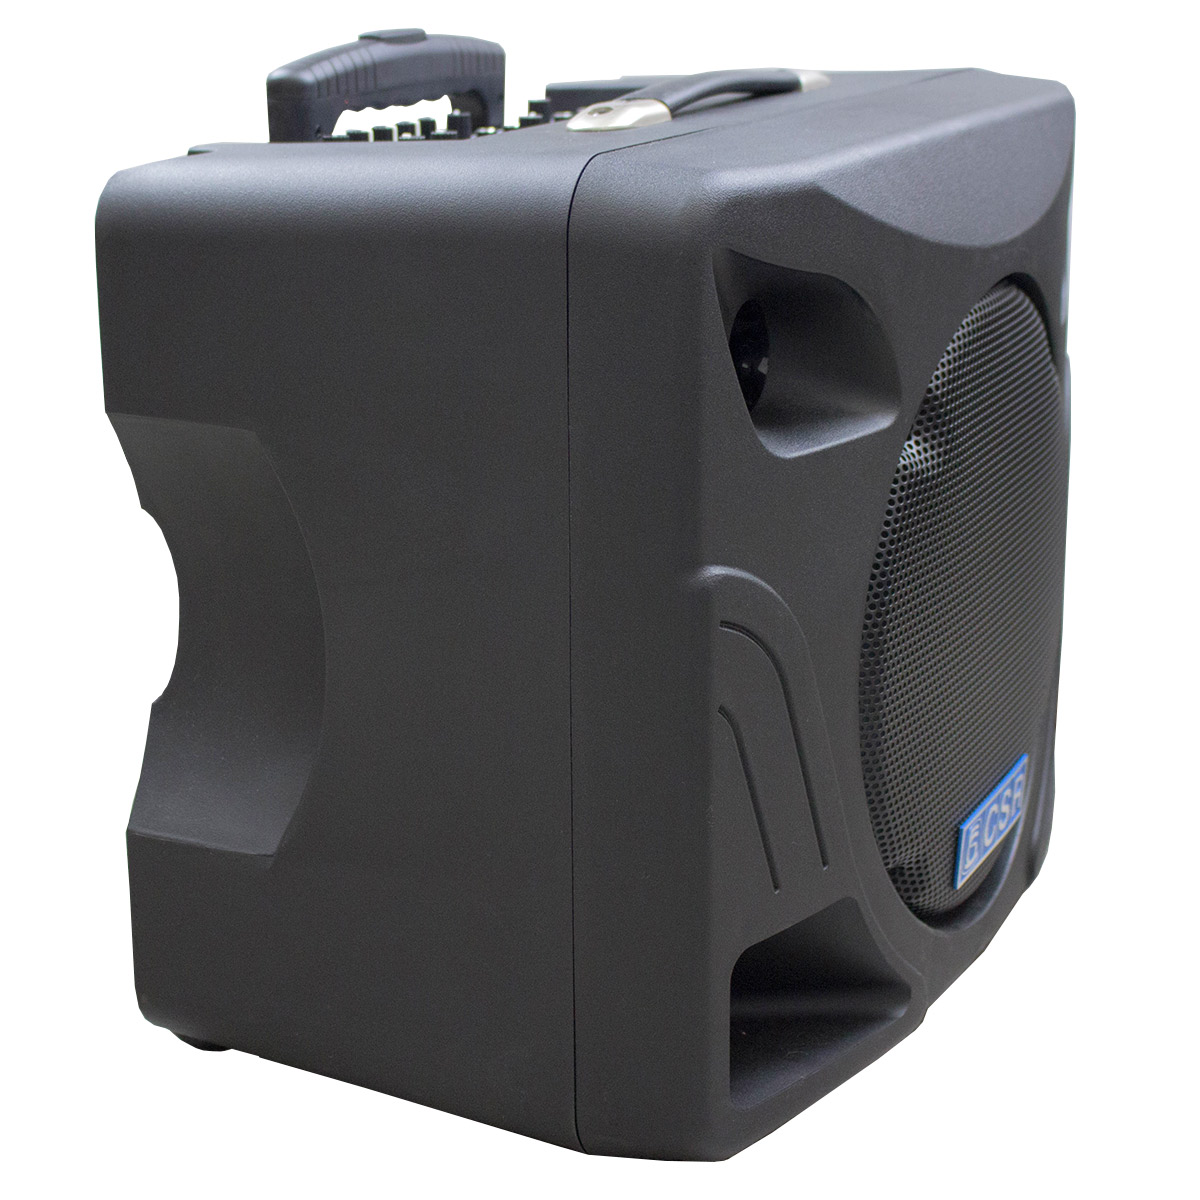 MT12A - Cubo Multiuso Ativo 100W c/ Bluetooth e USB MT 12 A - CSR